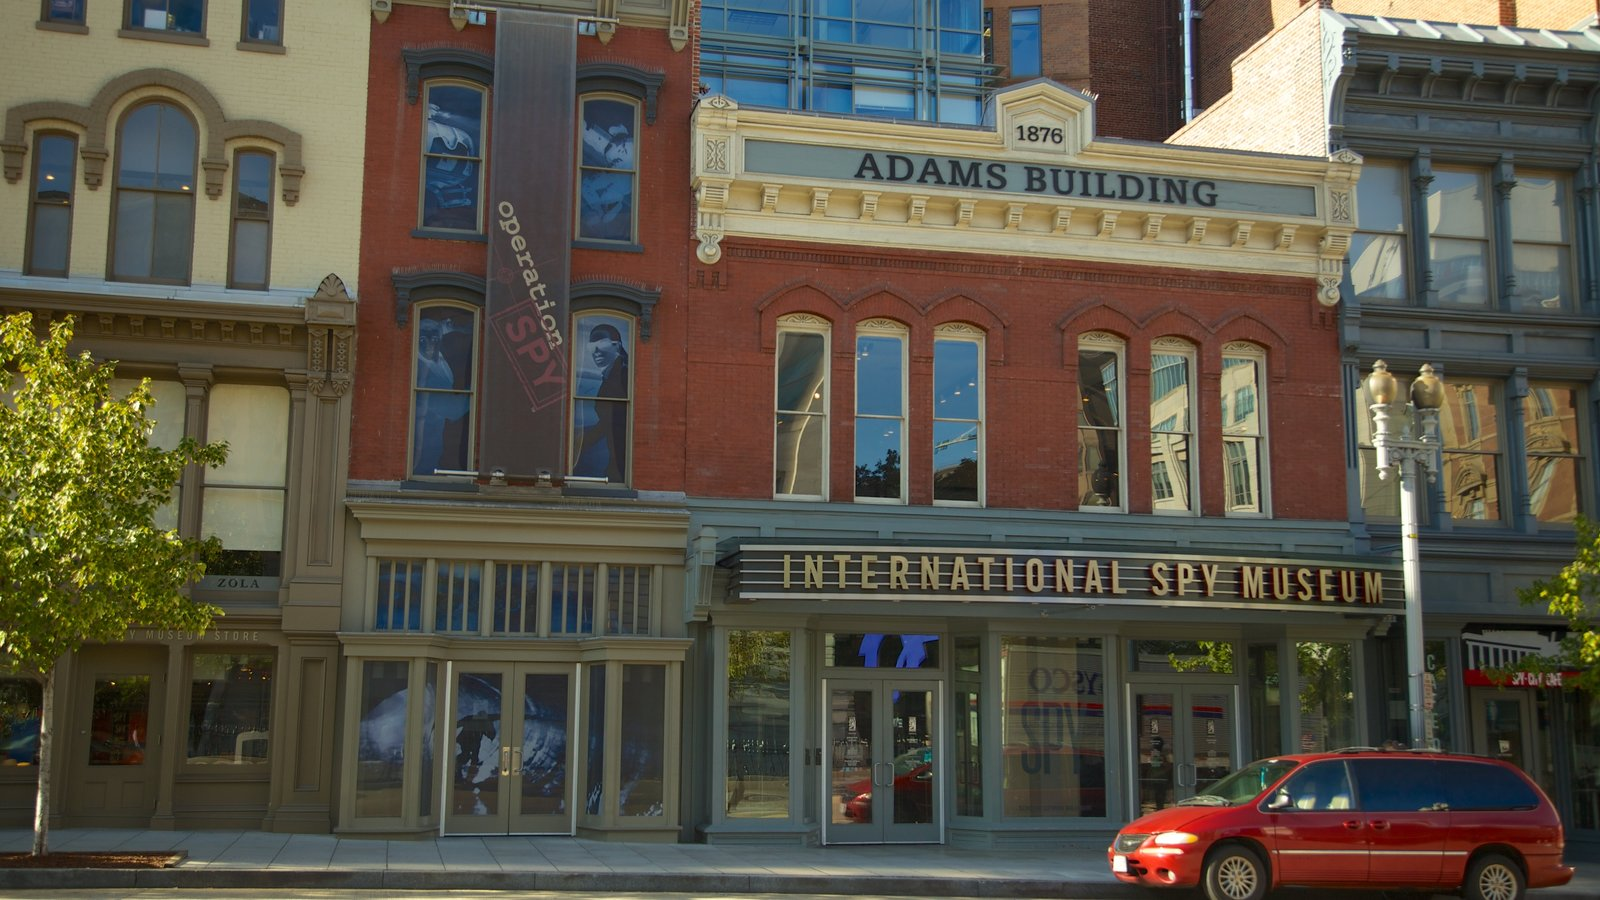 International Spy Museum mostrando sinalização e uma cidade